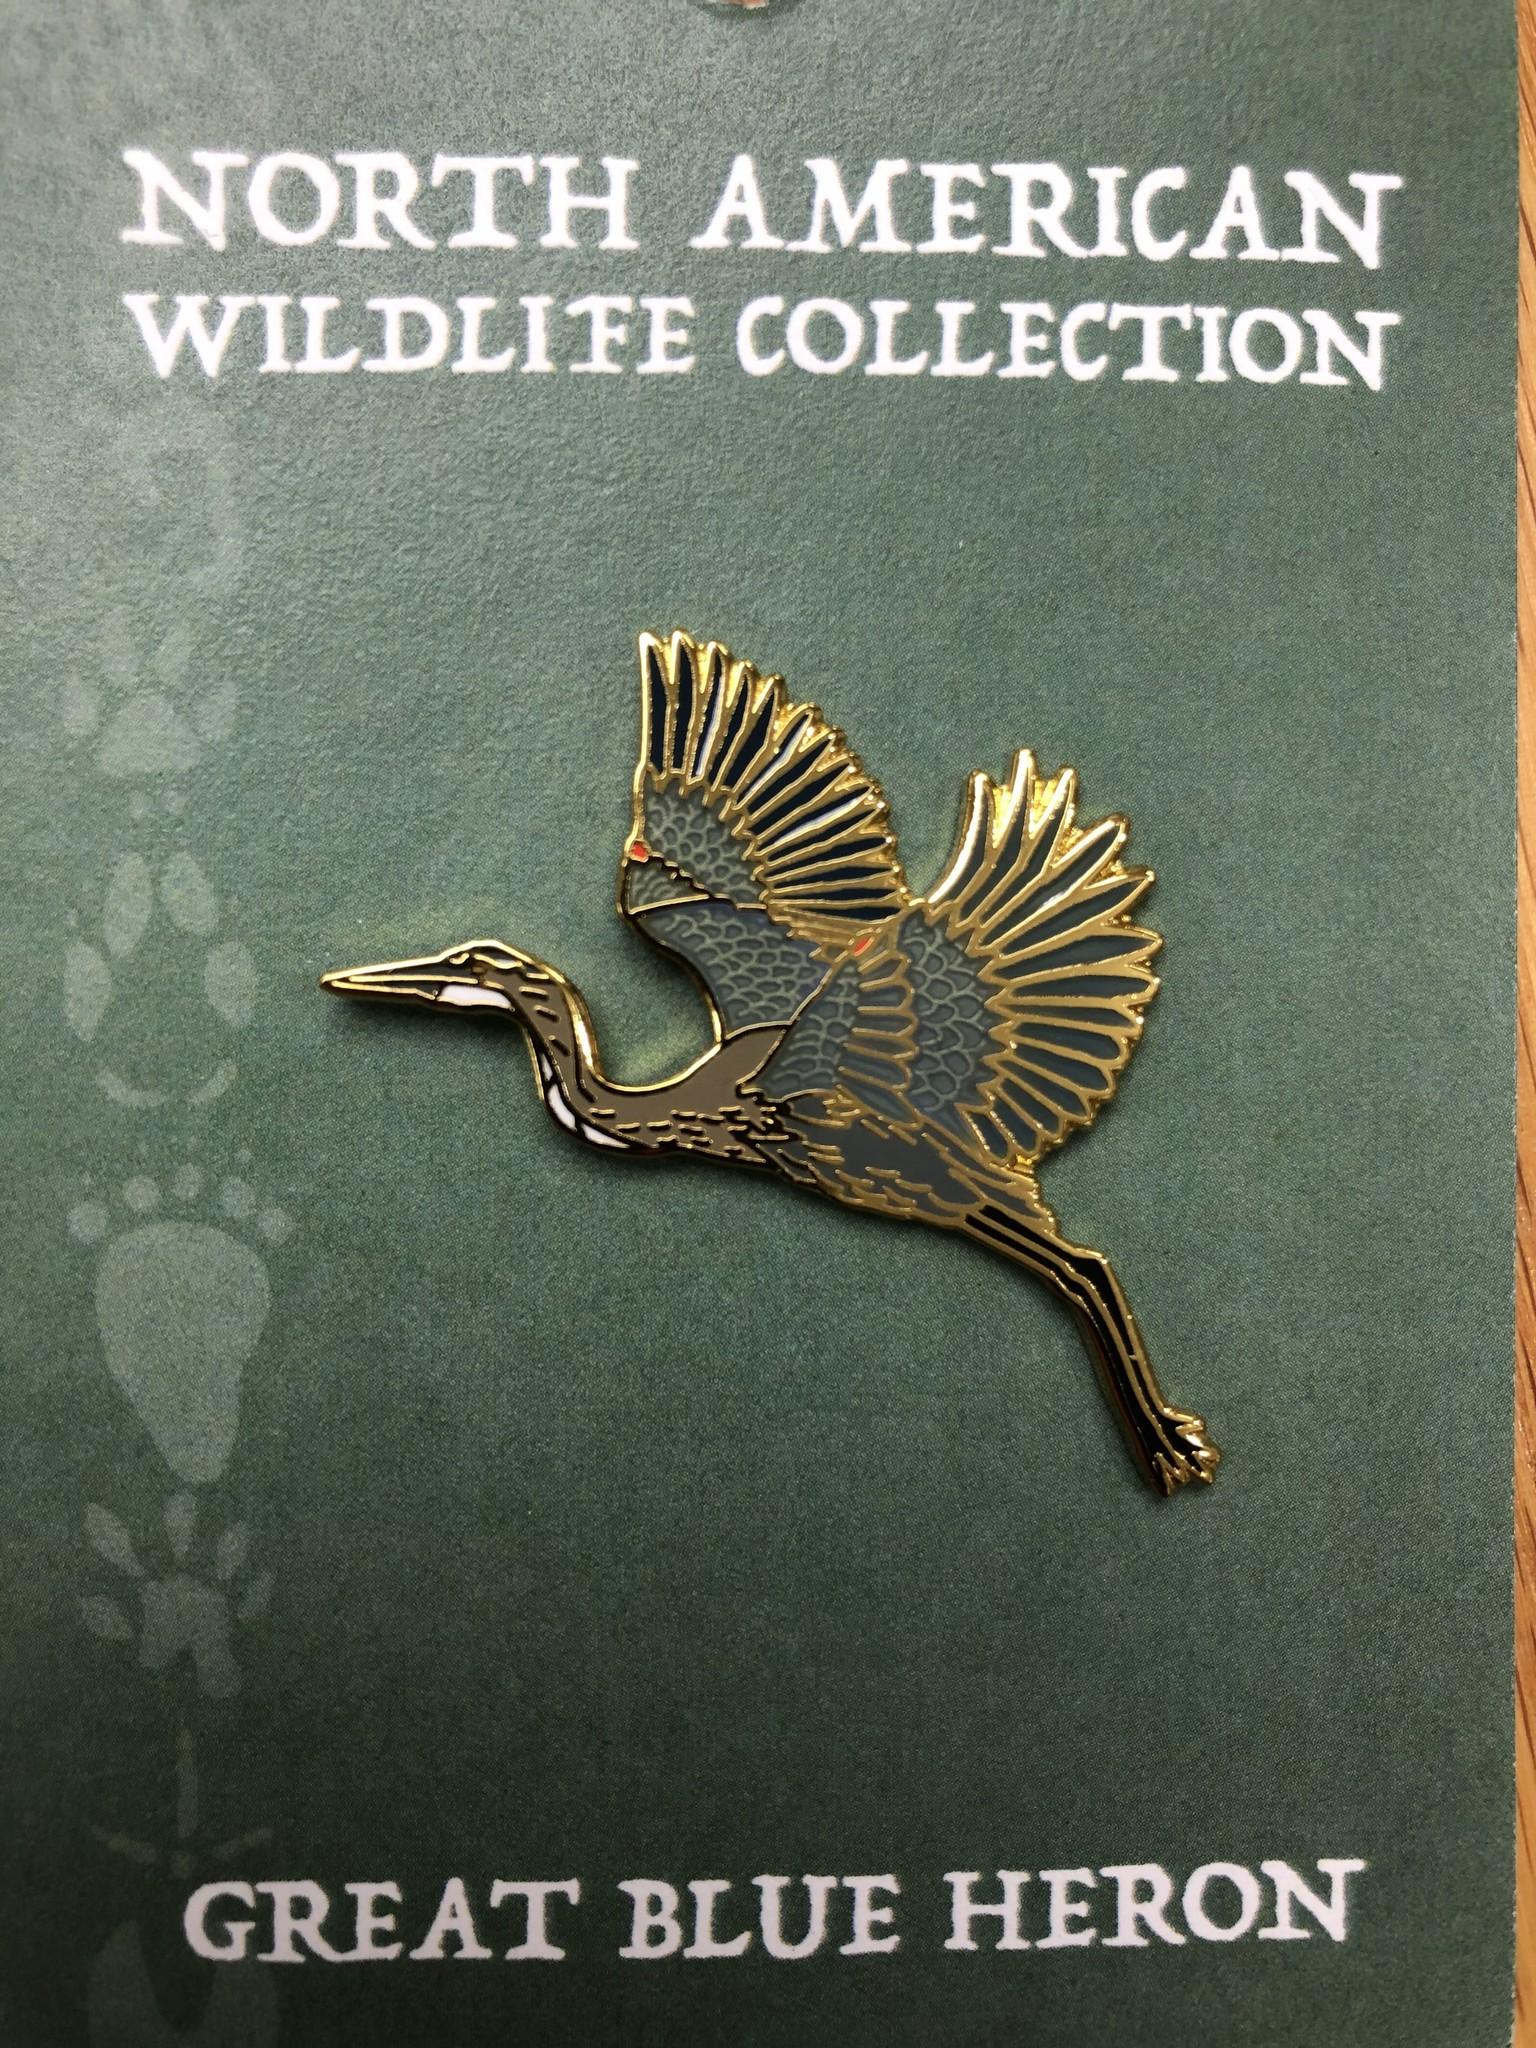 Pin Blue Heron